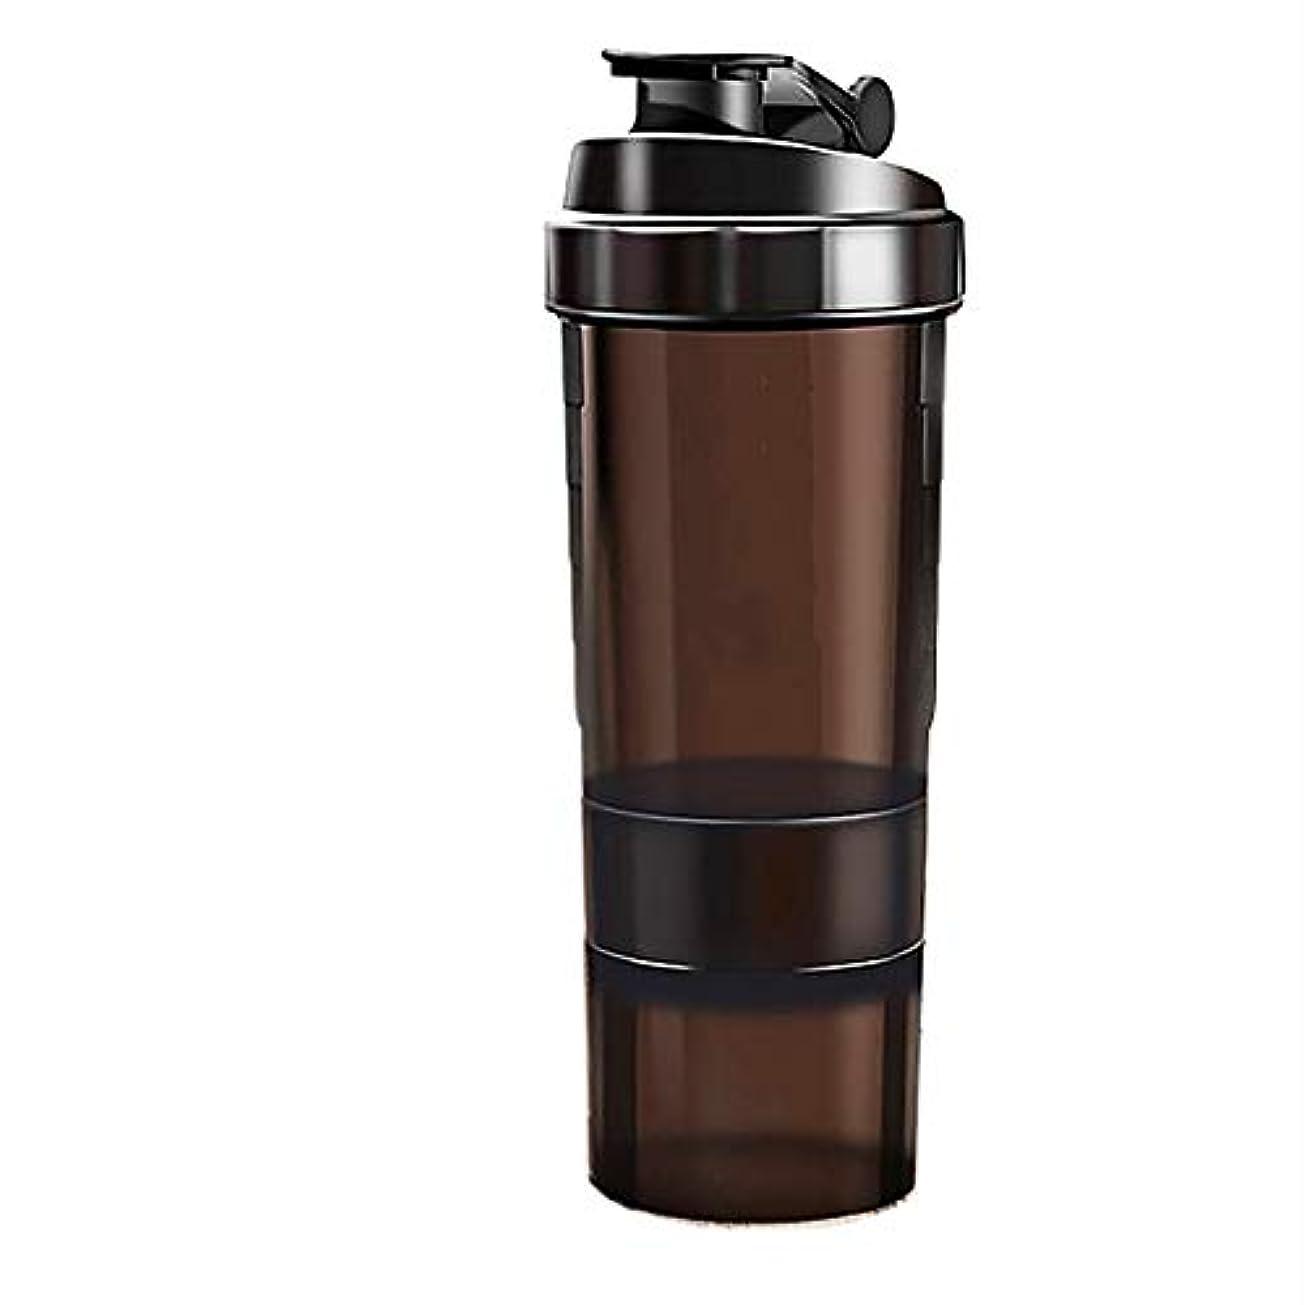 ヒールマダムゲインセイミルクセーキ シェイクカップフ[ 最新デザイン ] 多層タンパク質粉末 シェイクカップフ ィット ネススポーツウォーターボトル 旋風やかんミルク スケールティーカップ(ブラック)